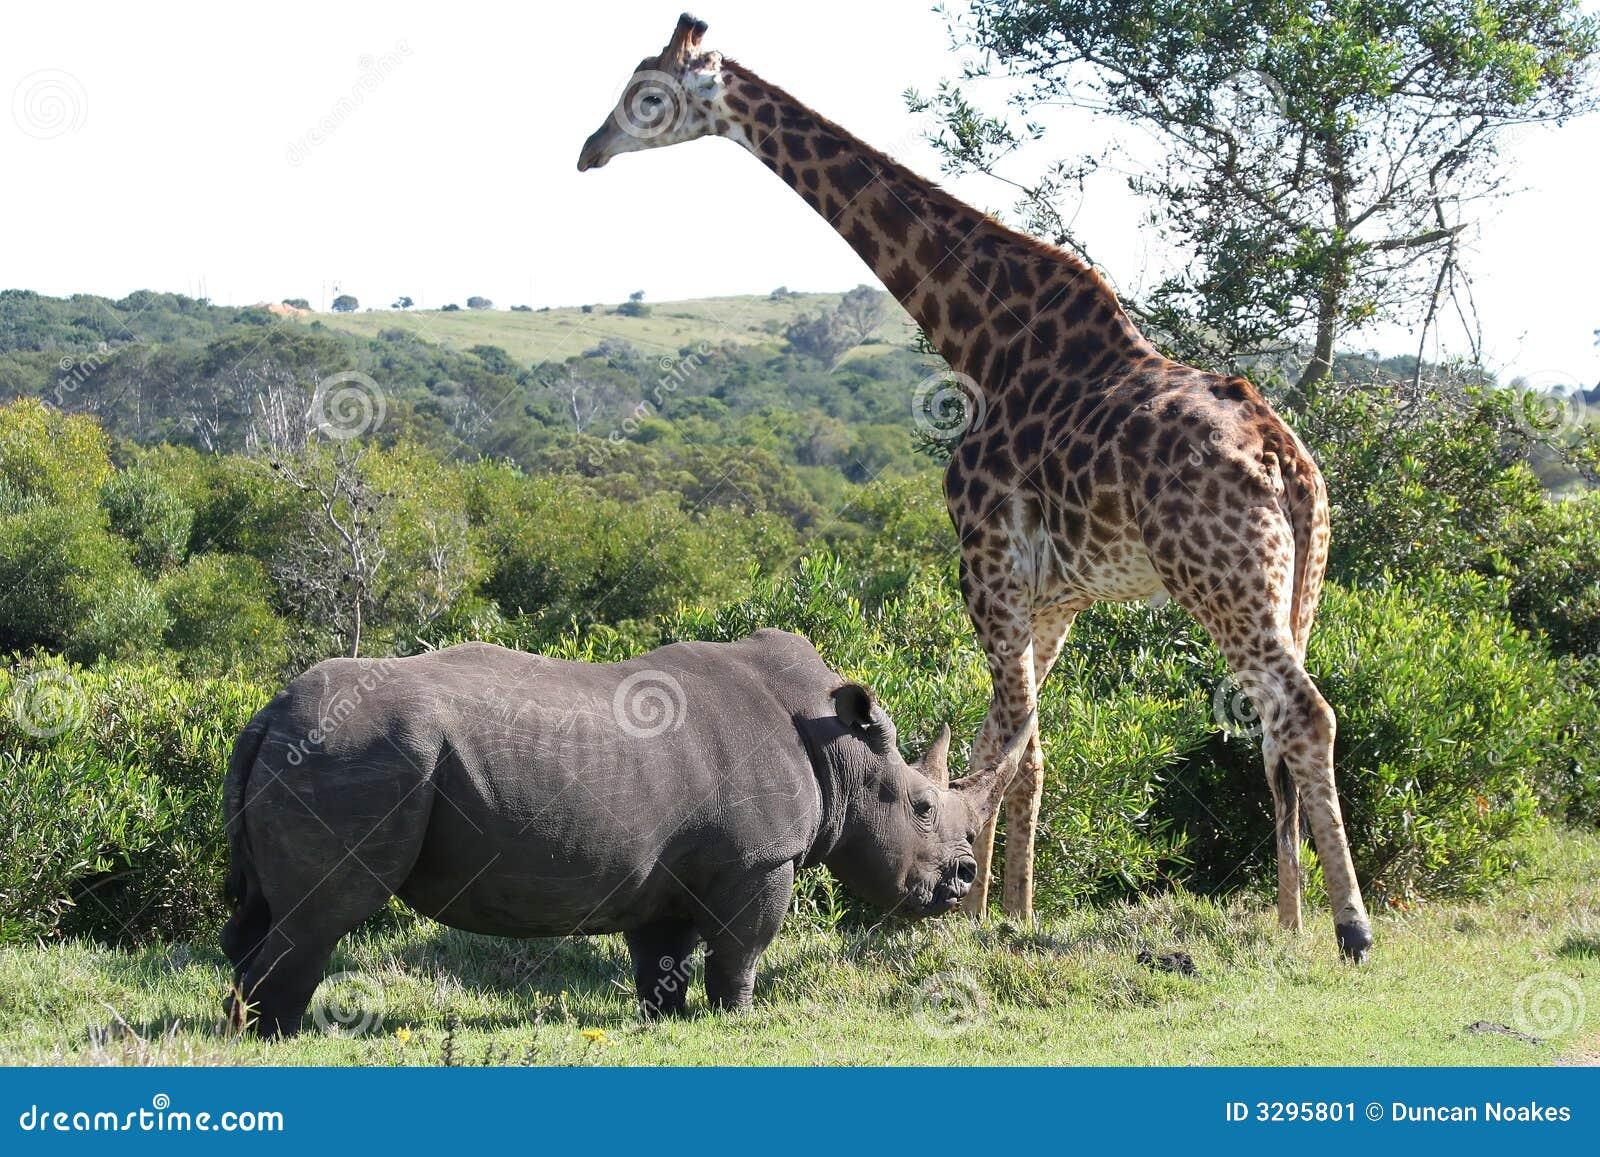 Giraffe and Rhino